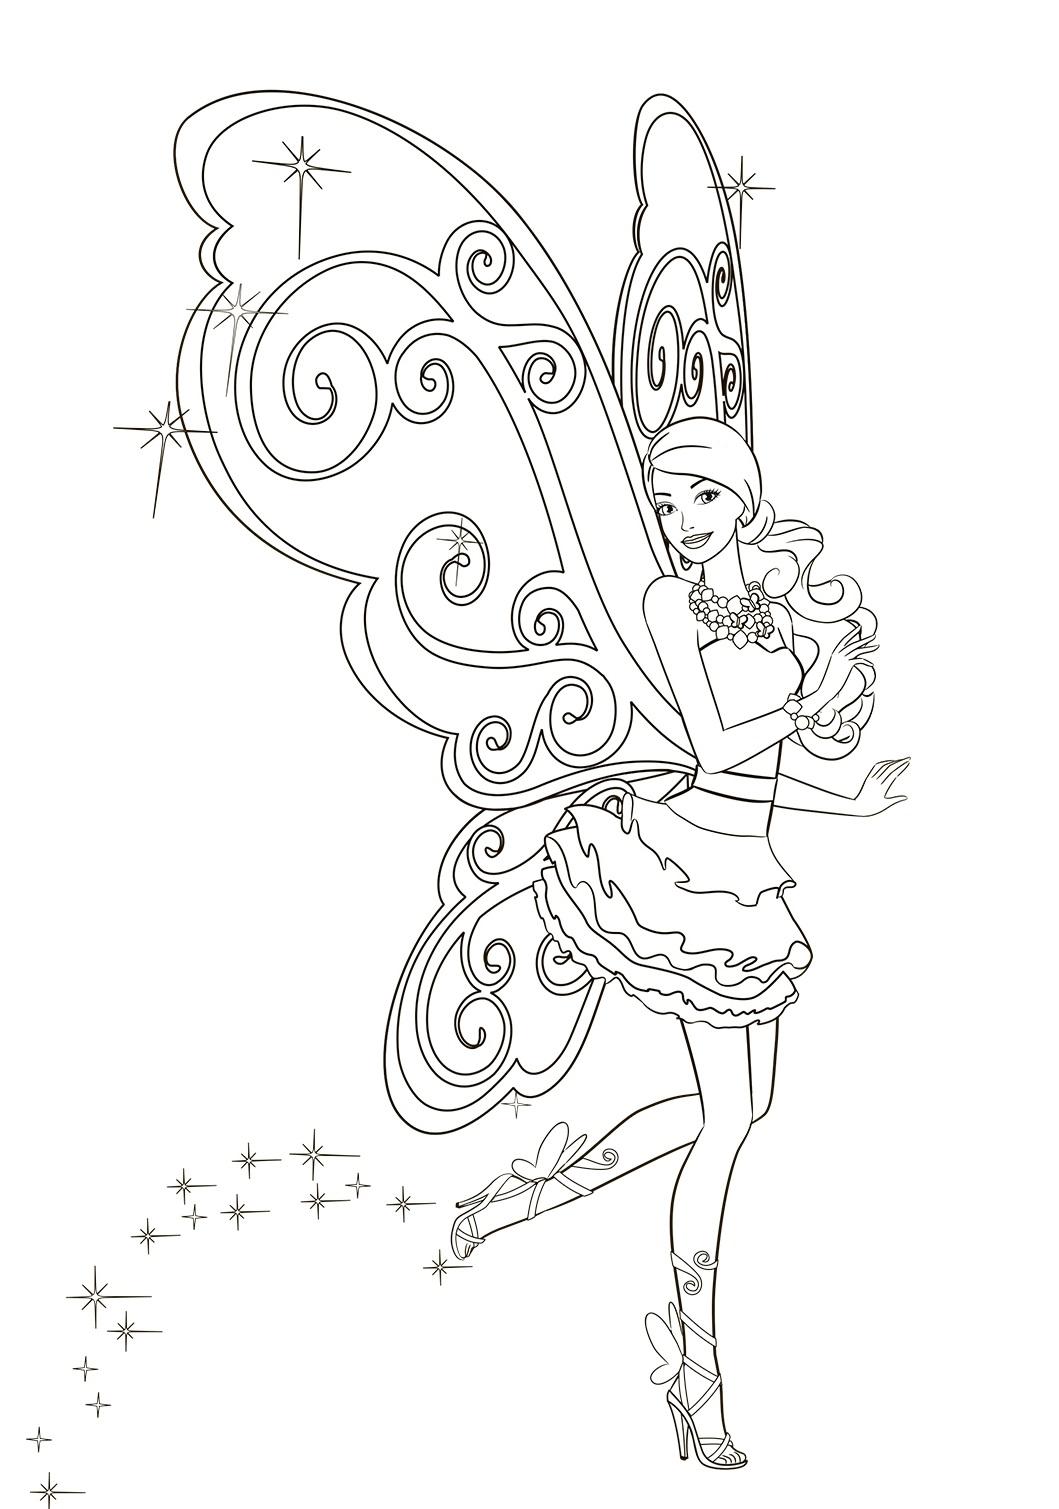 Раскраска Крылья Барби распечатать или скачать бесплатно